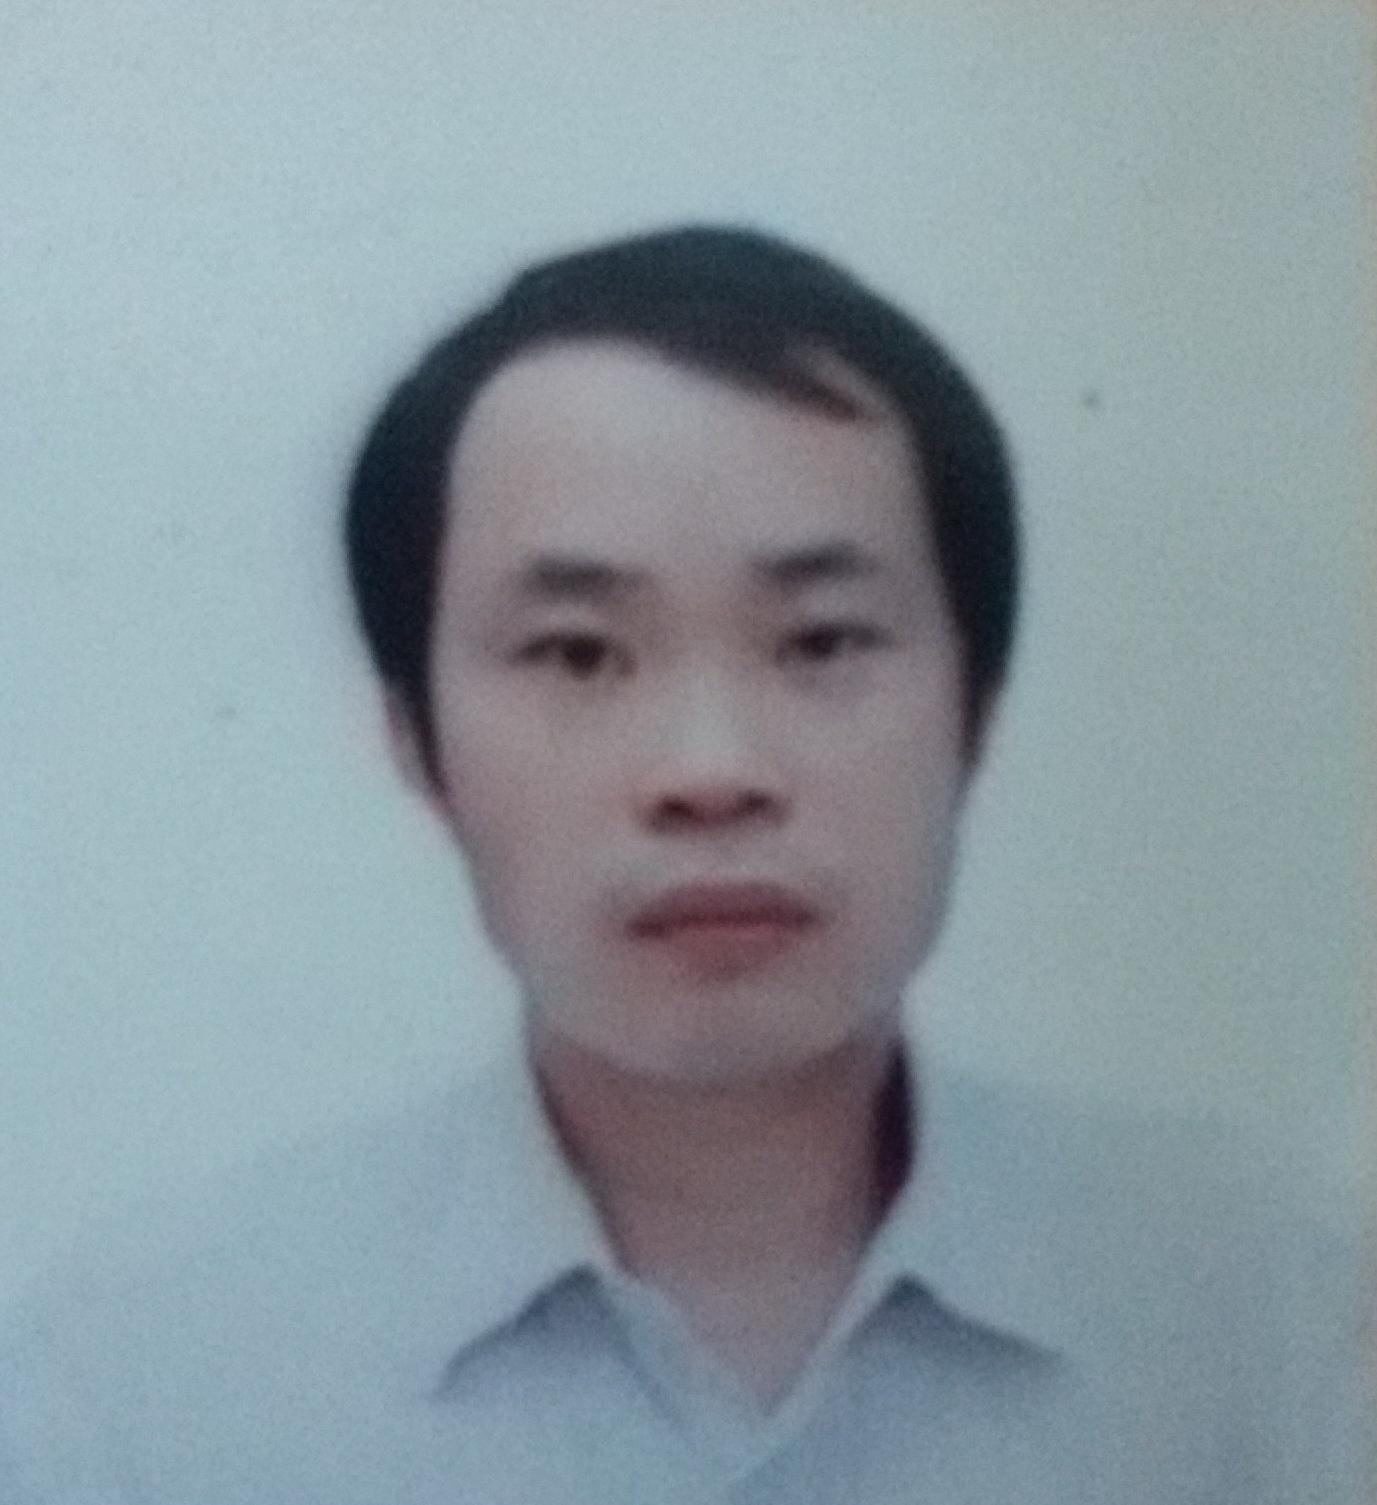 Nguyễn Xuân Hành